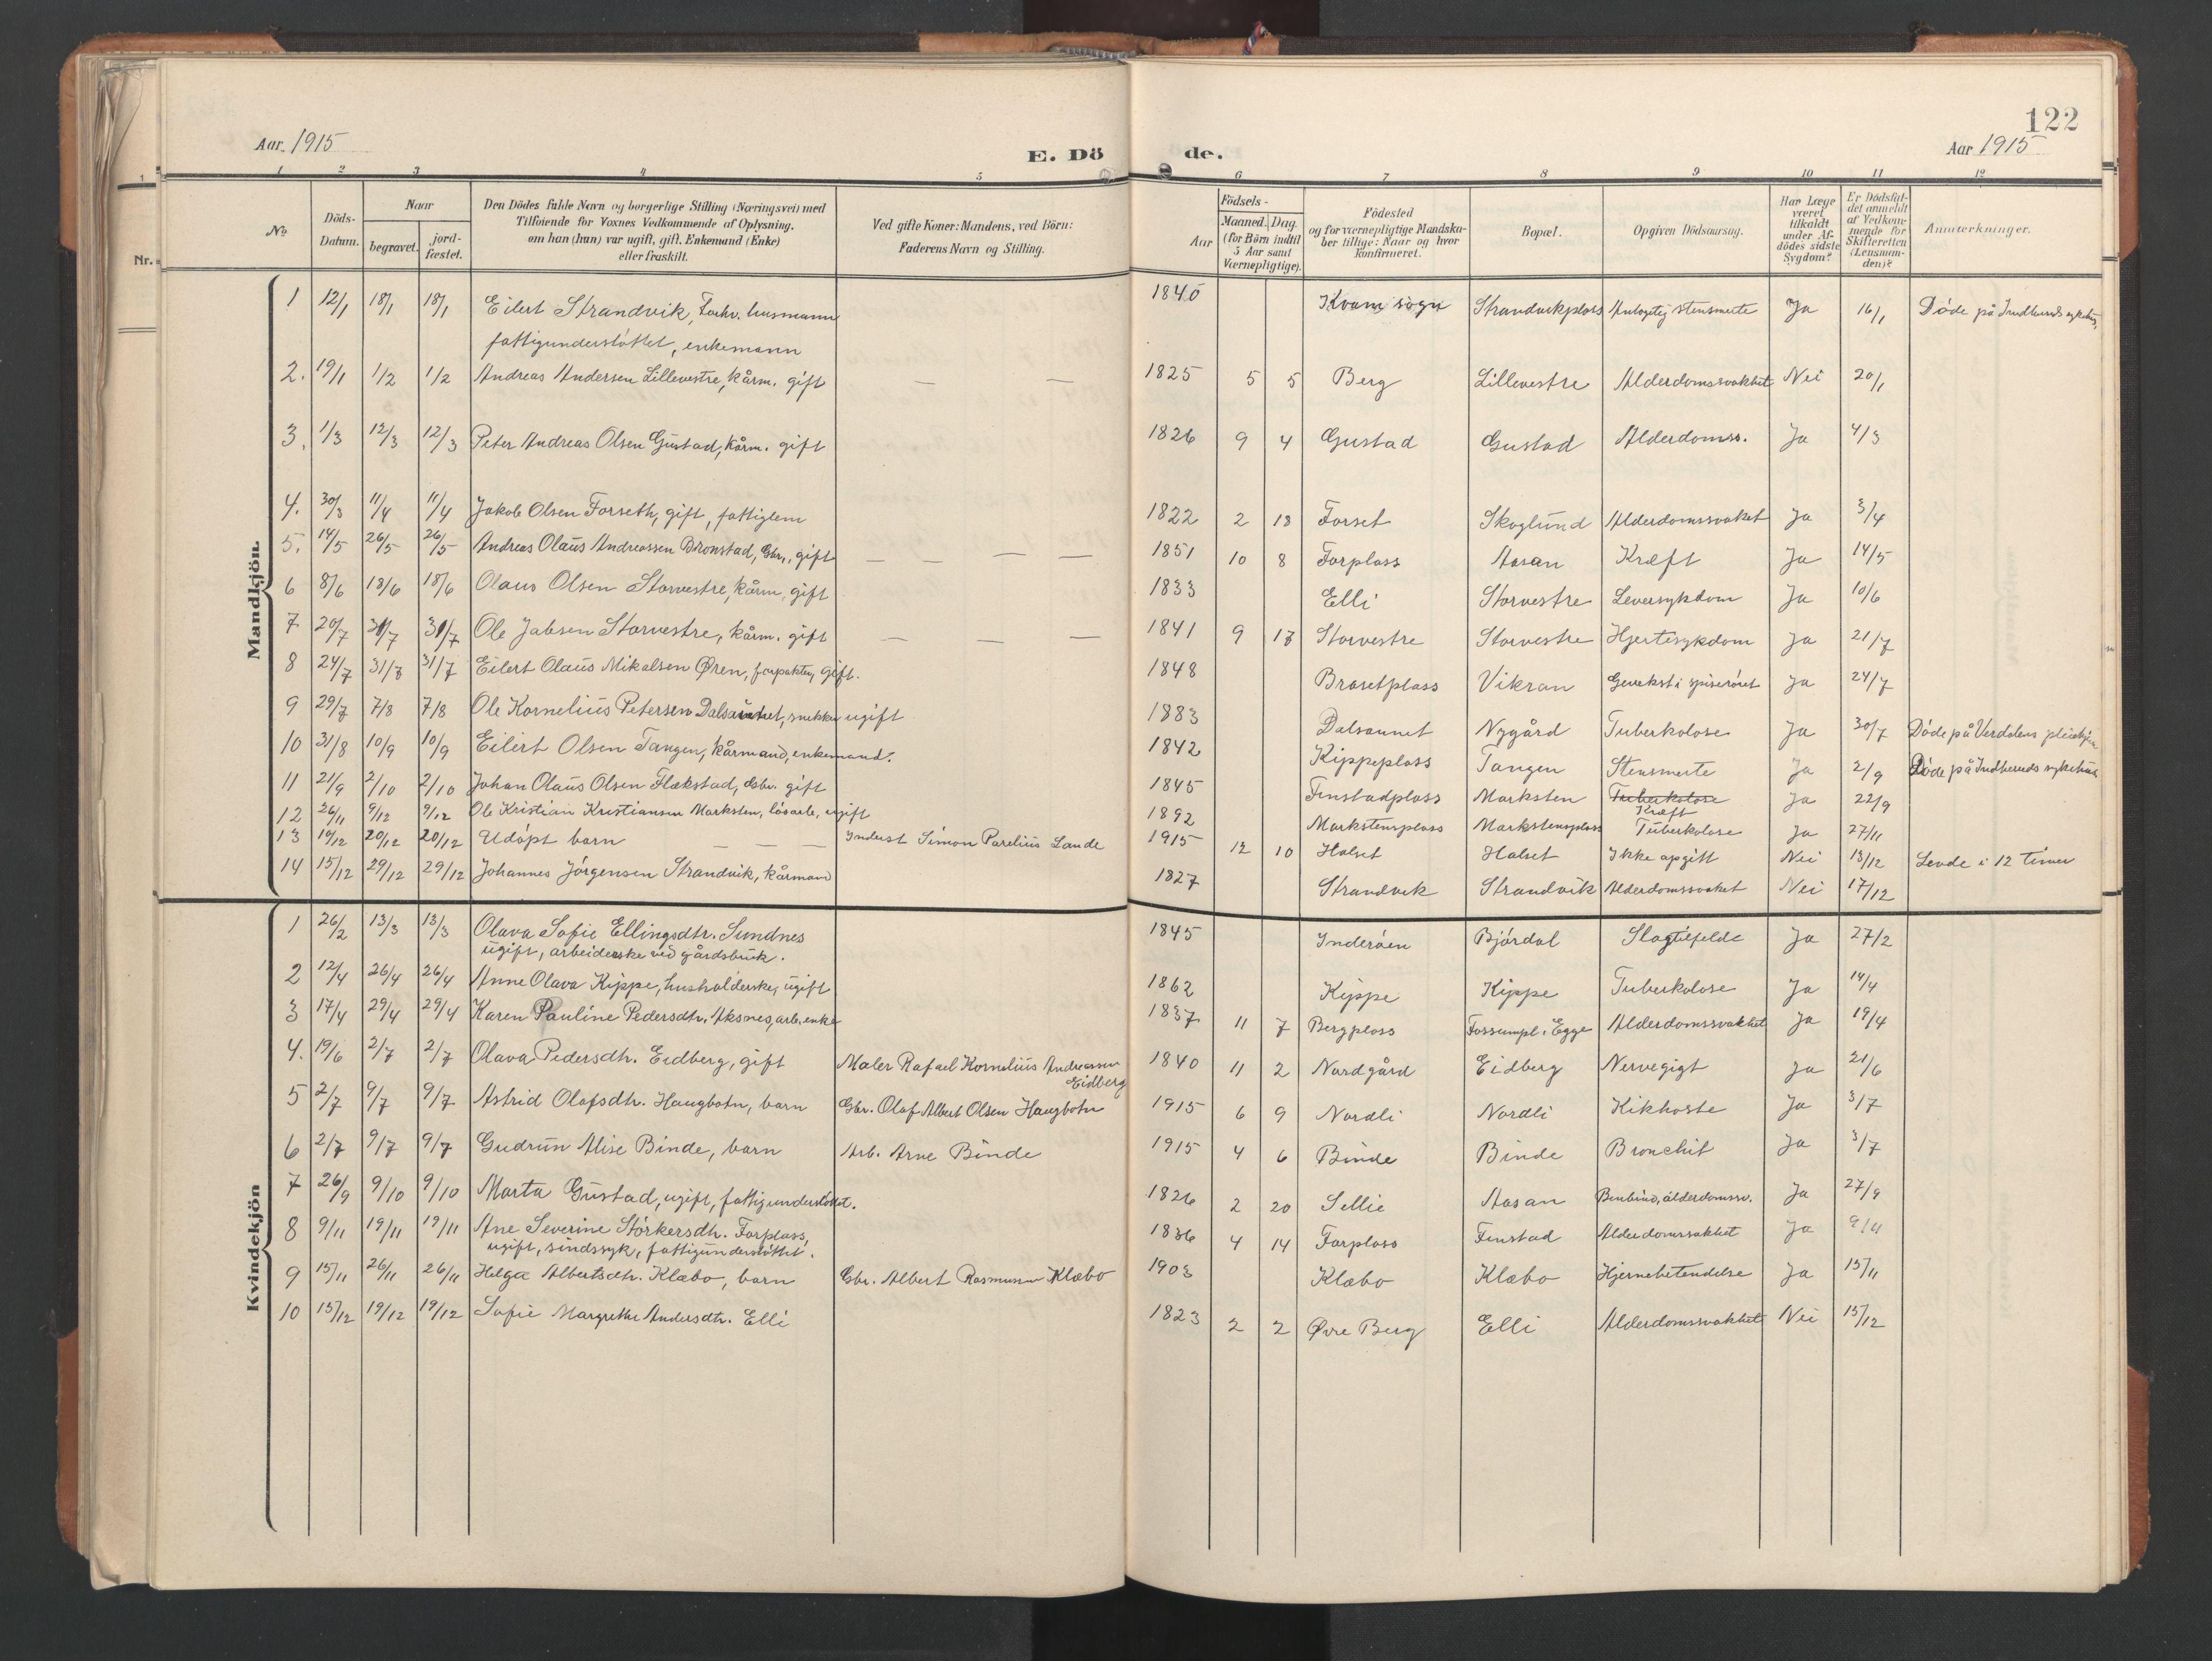 SAT, Ministerialprotokoller, klokkerbøker og fødselsregistre - Nord-Trøndelag, 746/L0455: Klokkerbok nr. 746C01, 1908-1933, s. 122